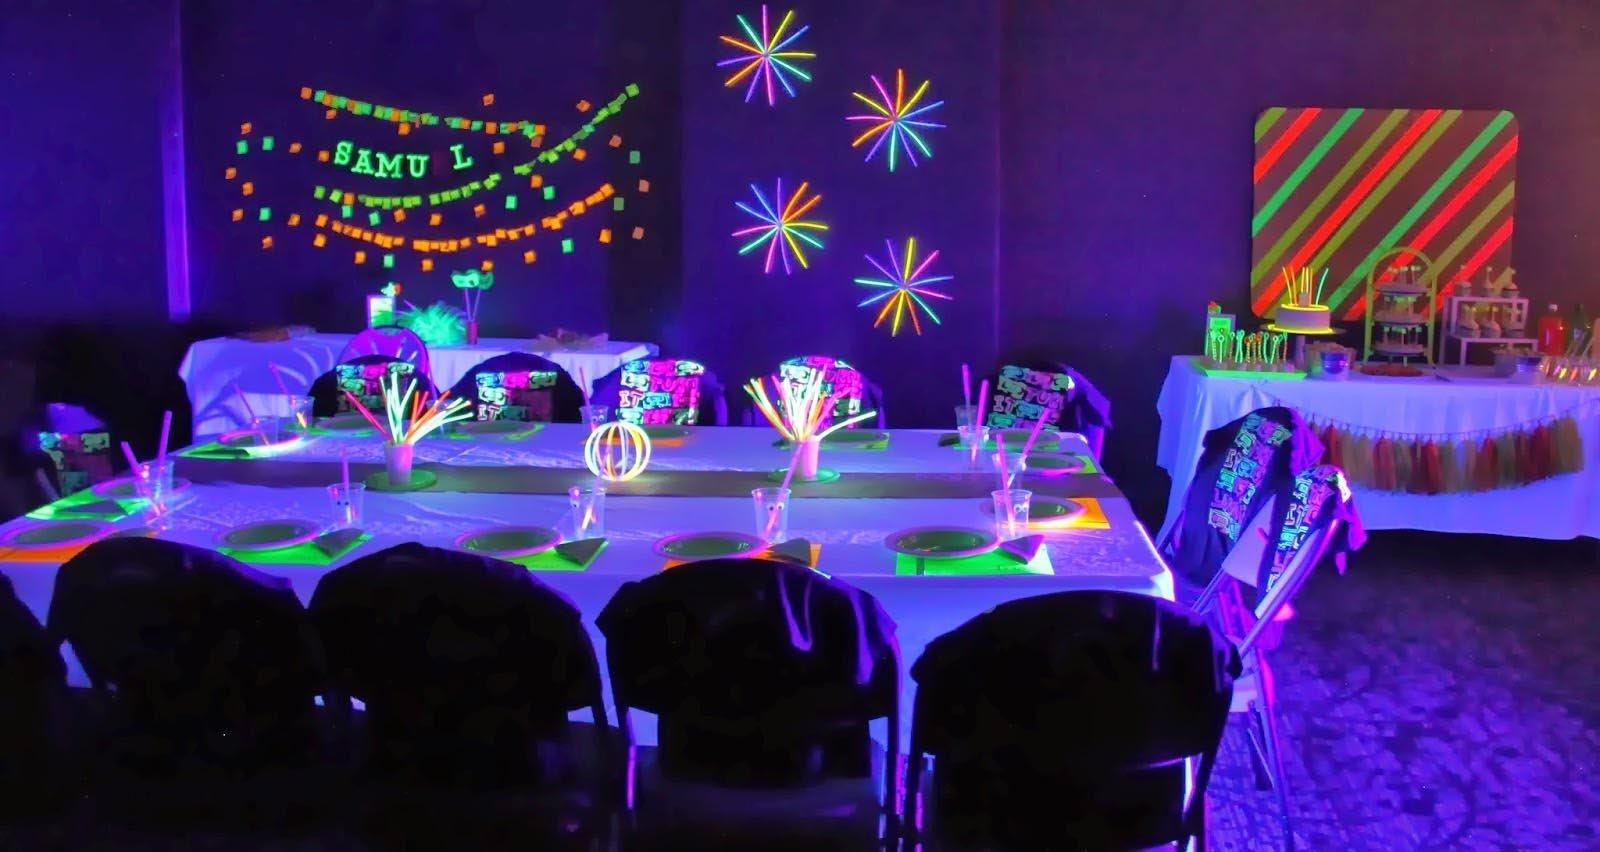 10 Gorgeous Party Theme Ideas For Adults Unique cool party themes for 13 year olds home party ideas 4 2021